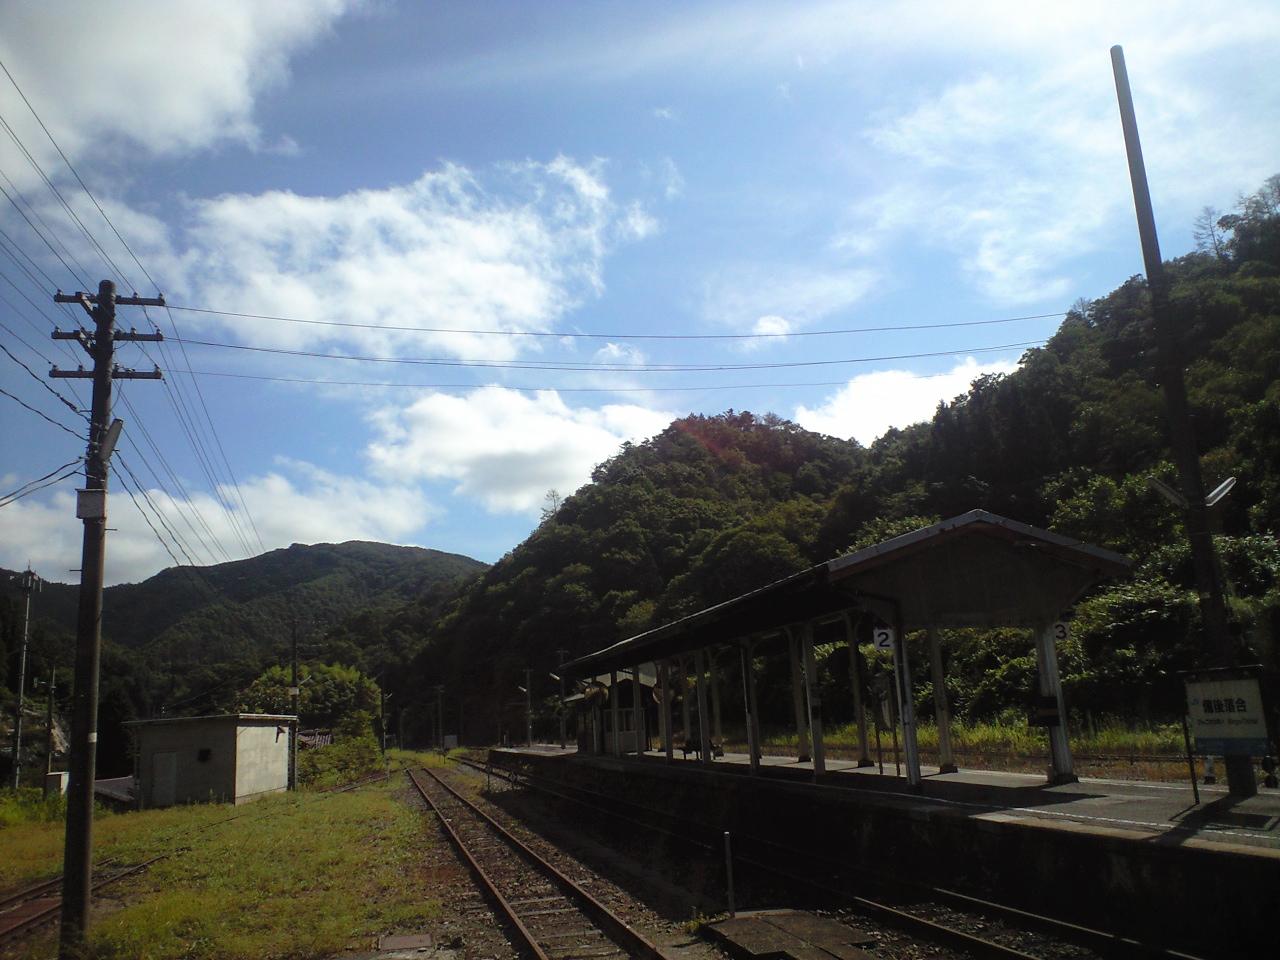 鉄道:なんというマニアによる犯行ww